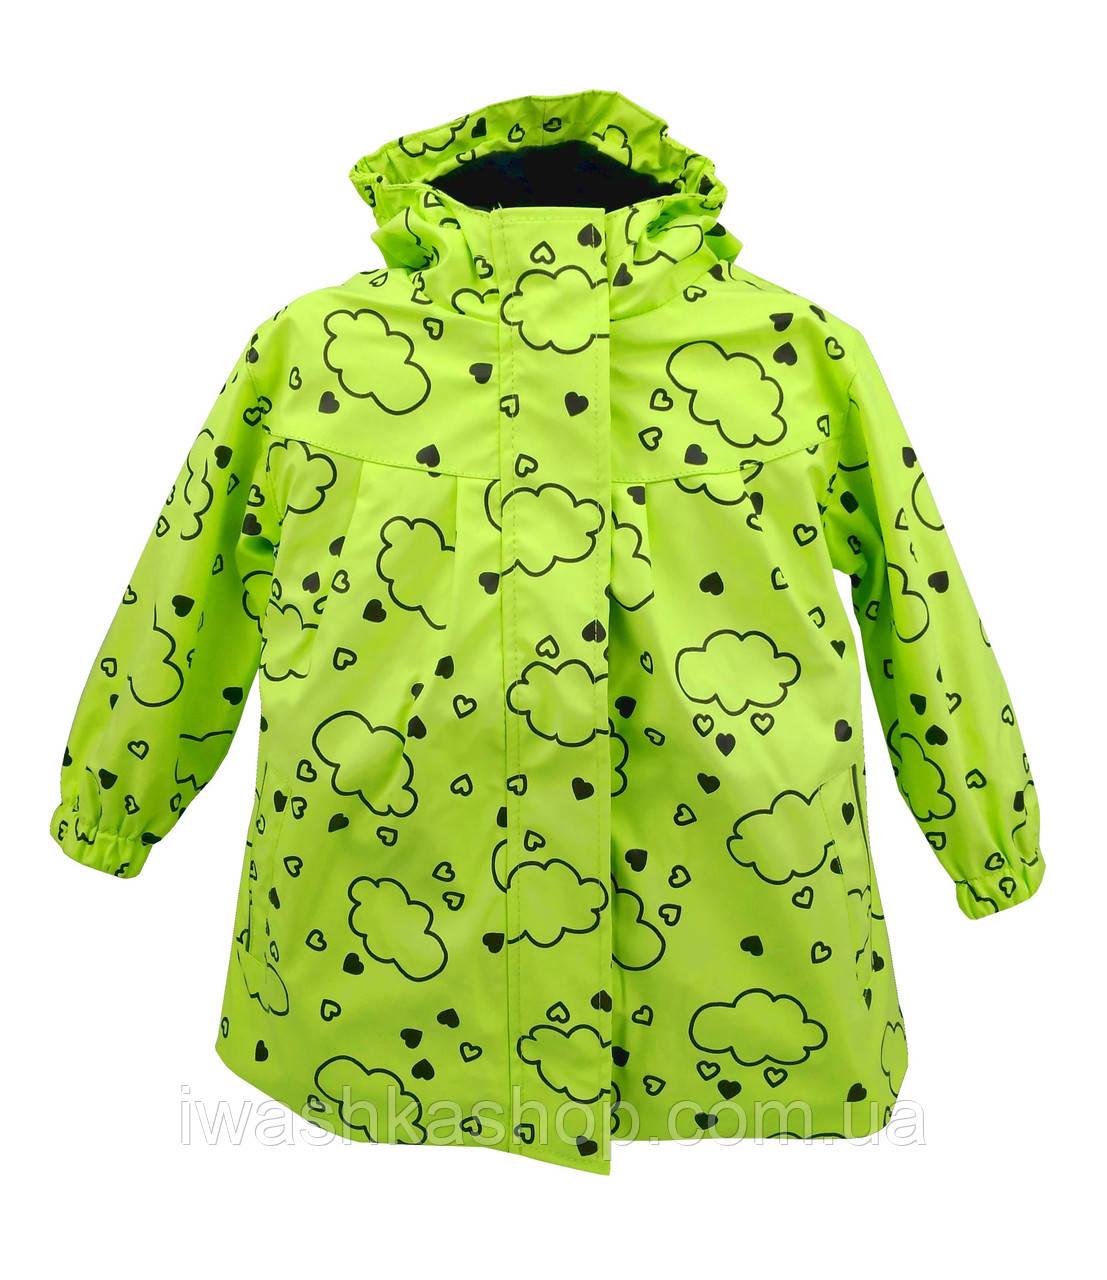 Яркая салатовая прорезиненная куртка - дождевик для девочки 1 - 1,5 года, р. 80 - 86, X-Mail.